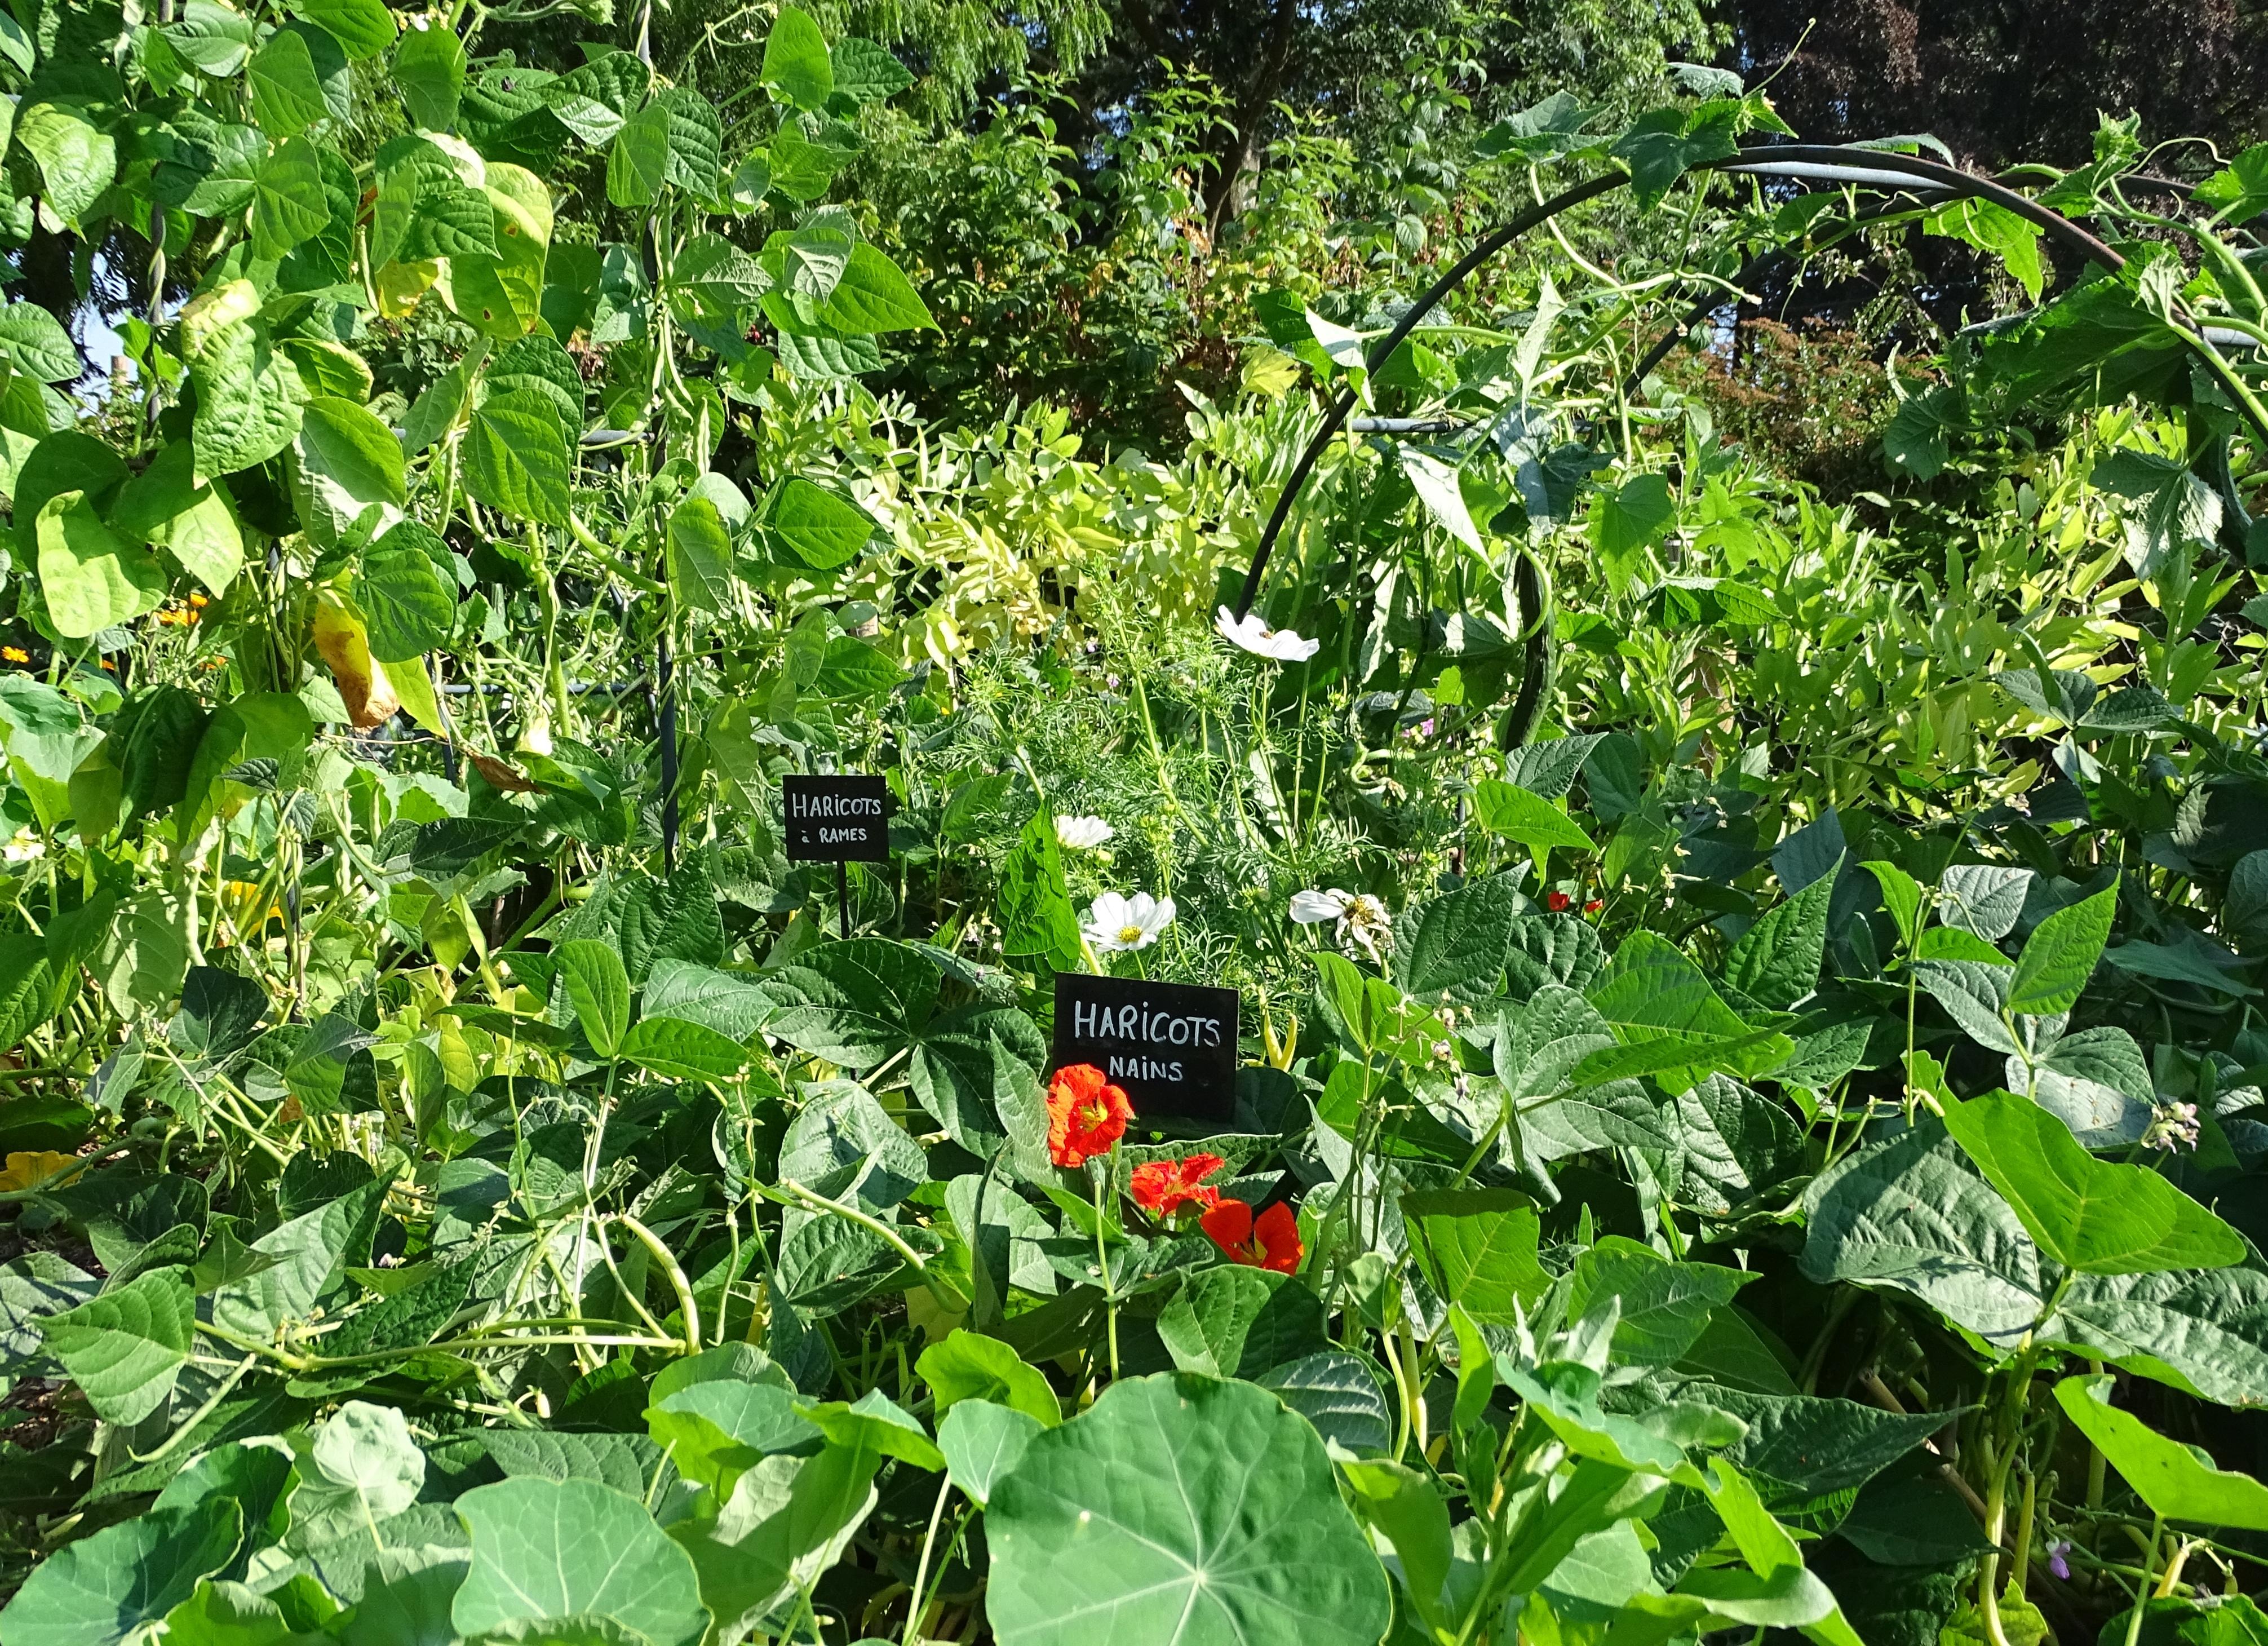 Un Petit Potager Productif que pouvez-vous planter en été pour prolonger votre saison